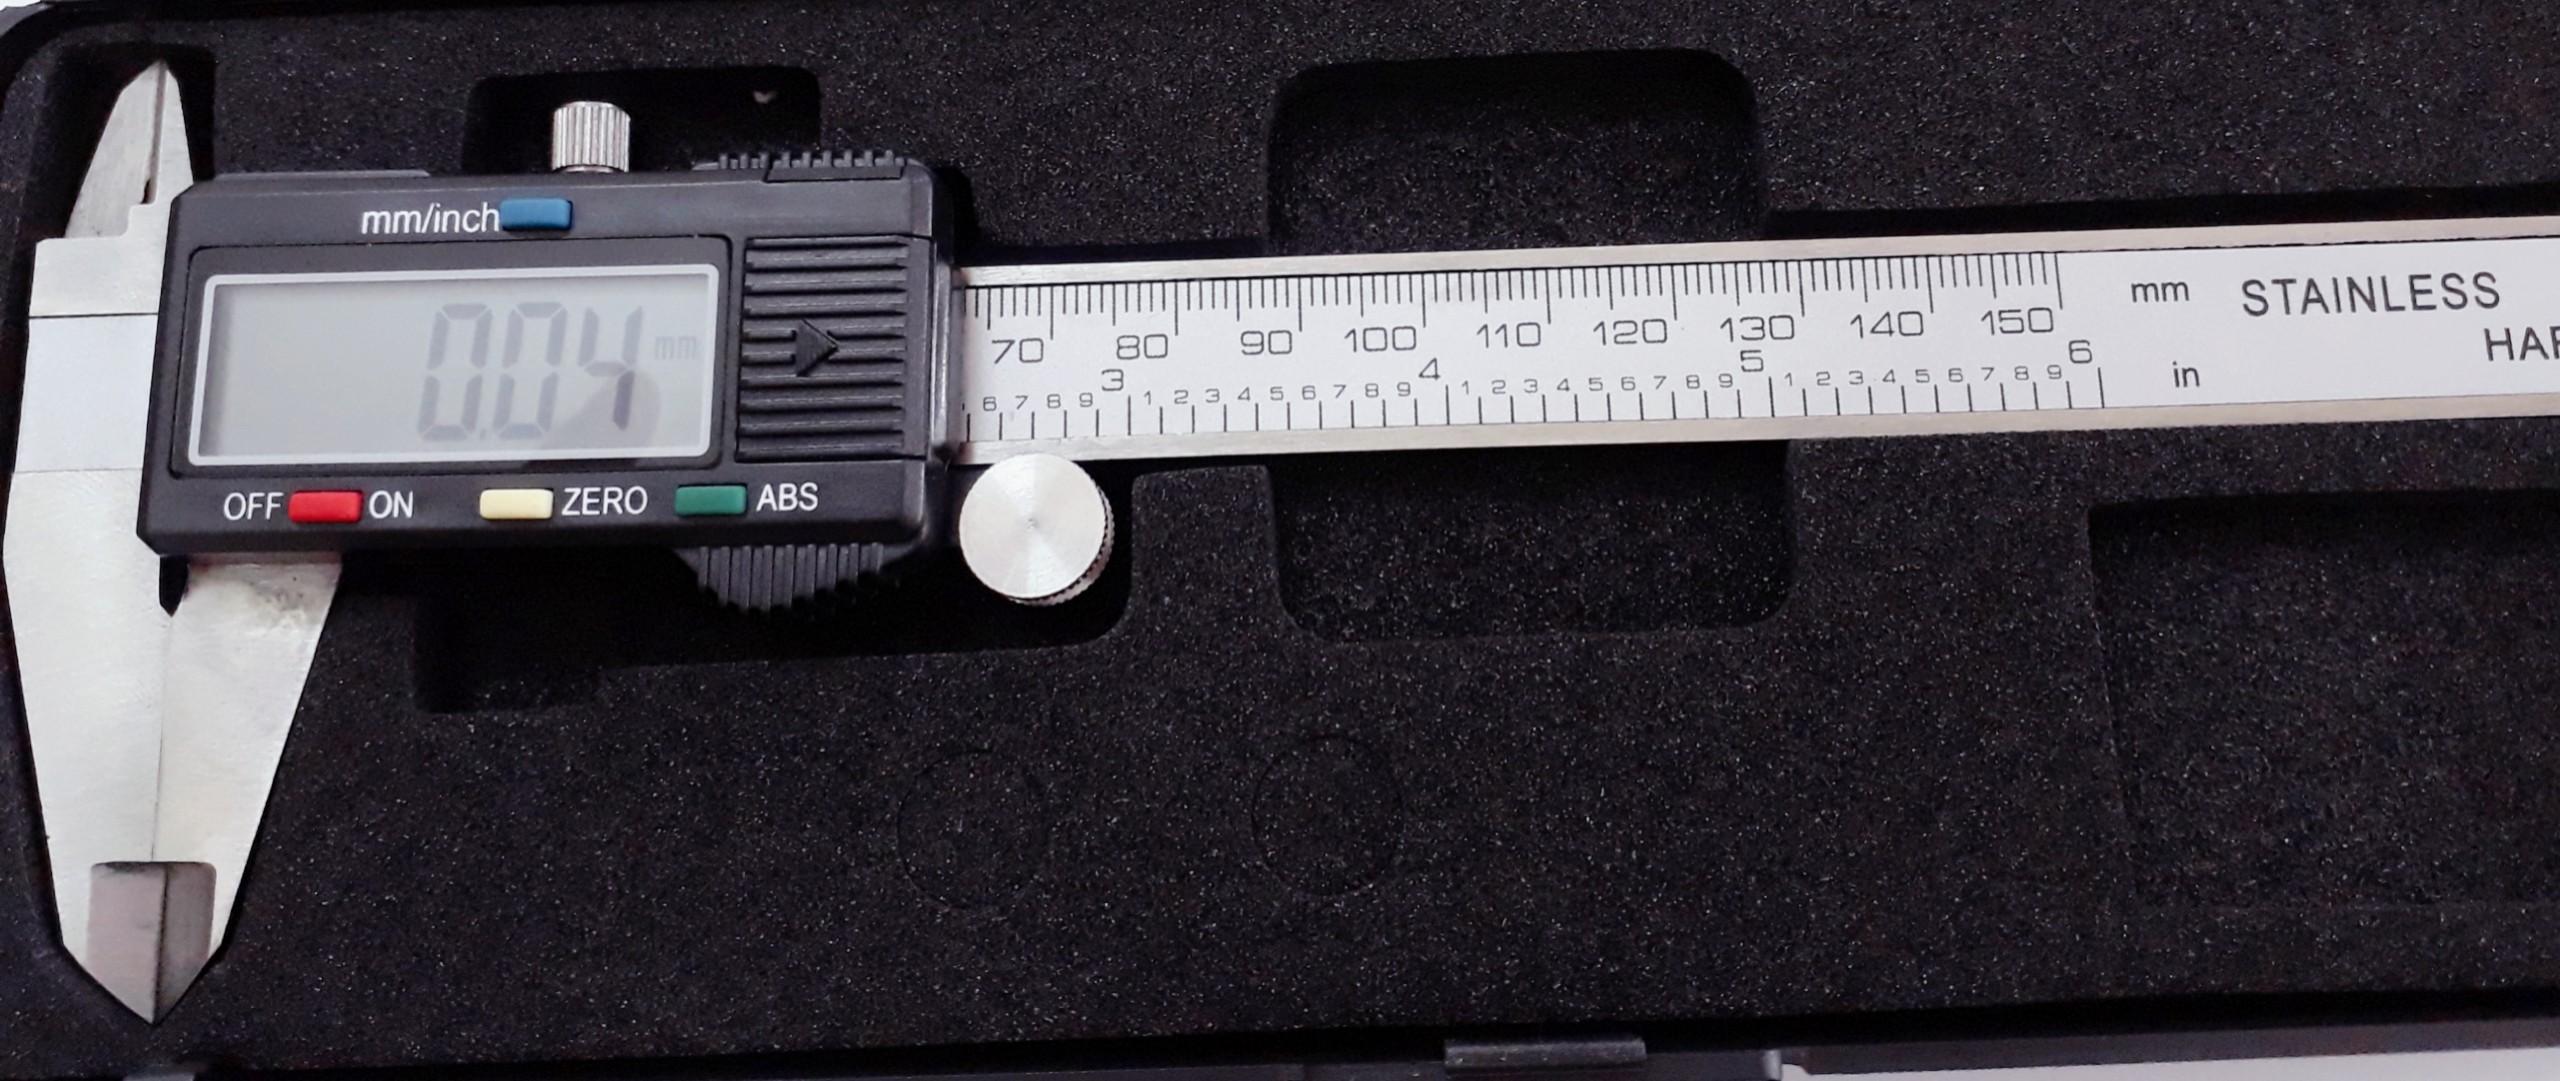 Thước cặp điện tử 0-150mm